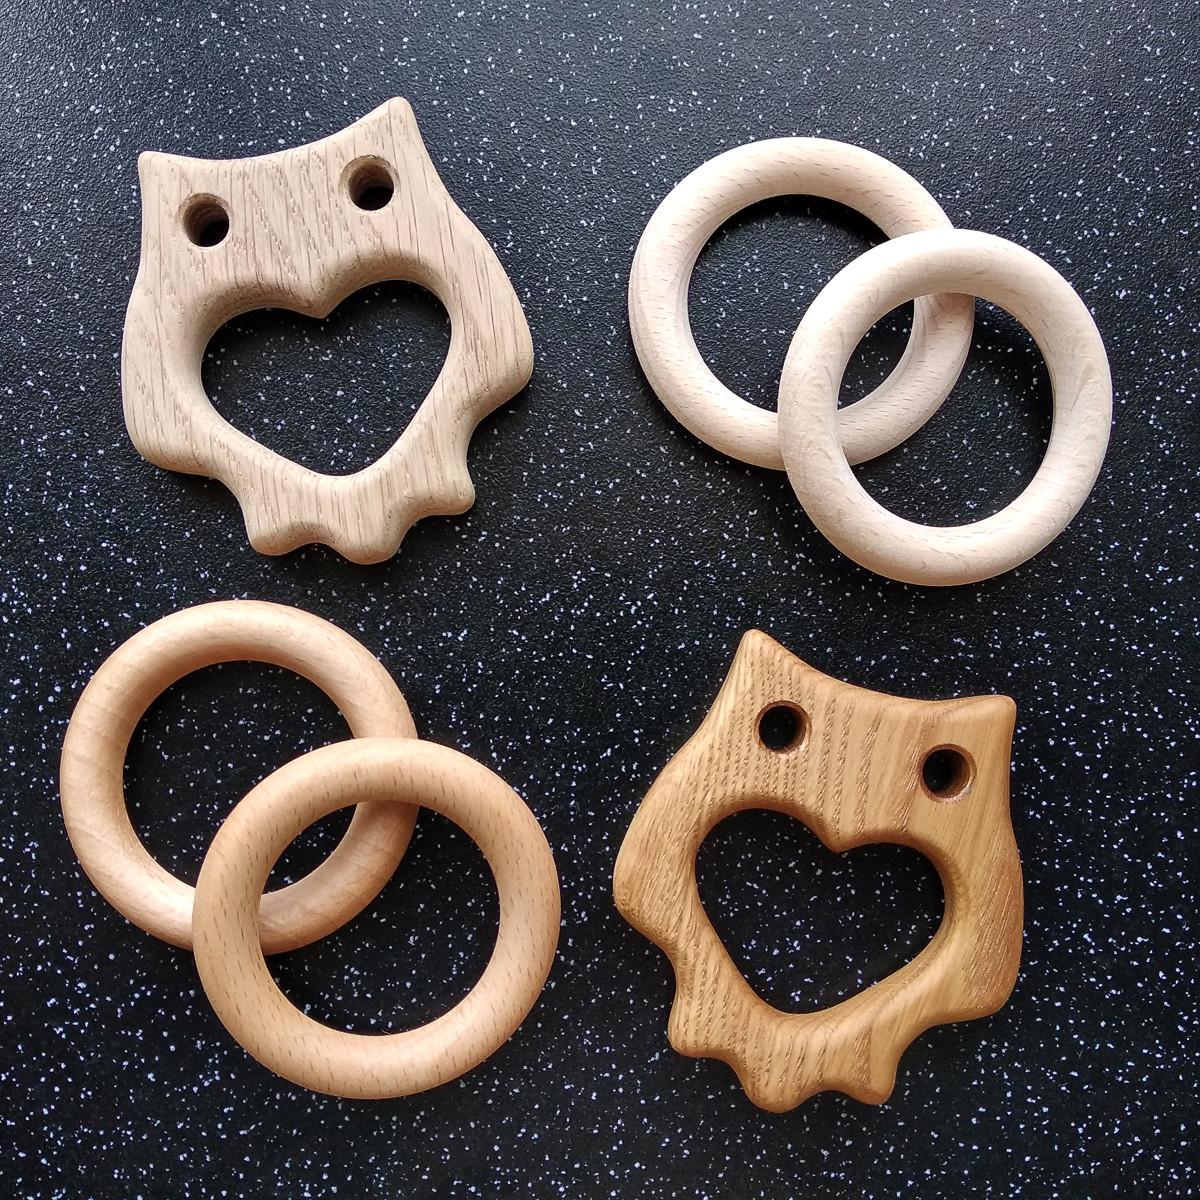 О вощении и промасливании деревянных грызунков и колец.